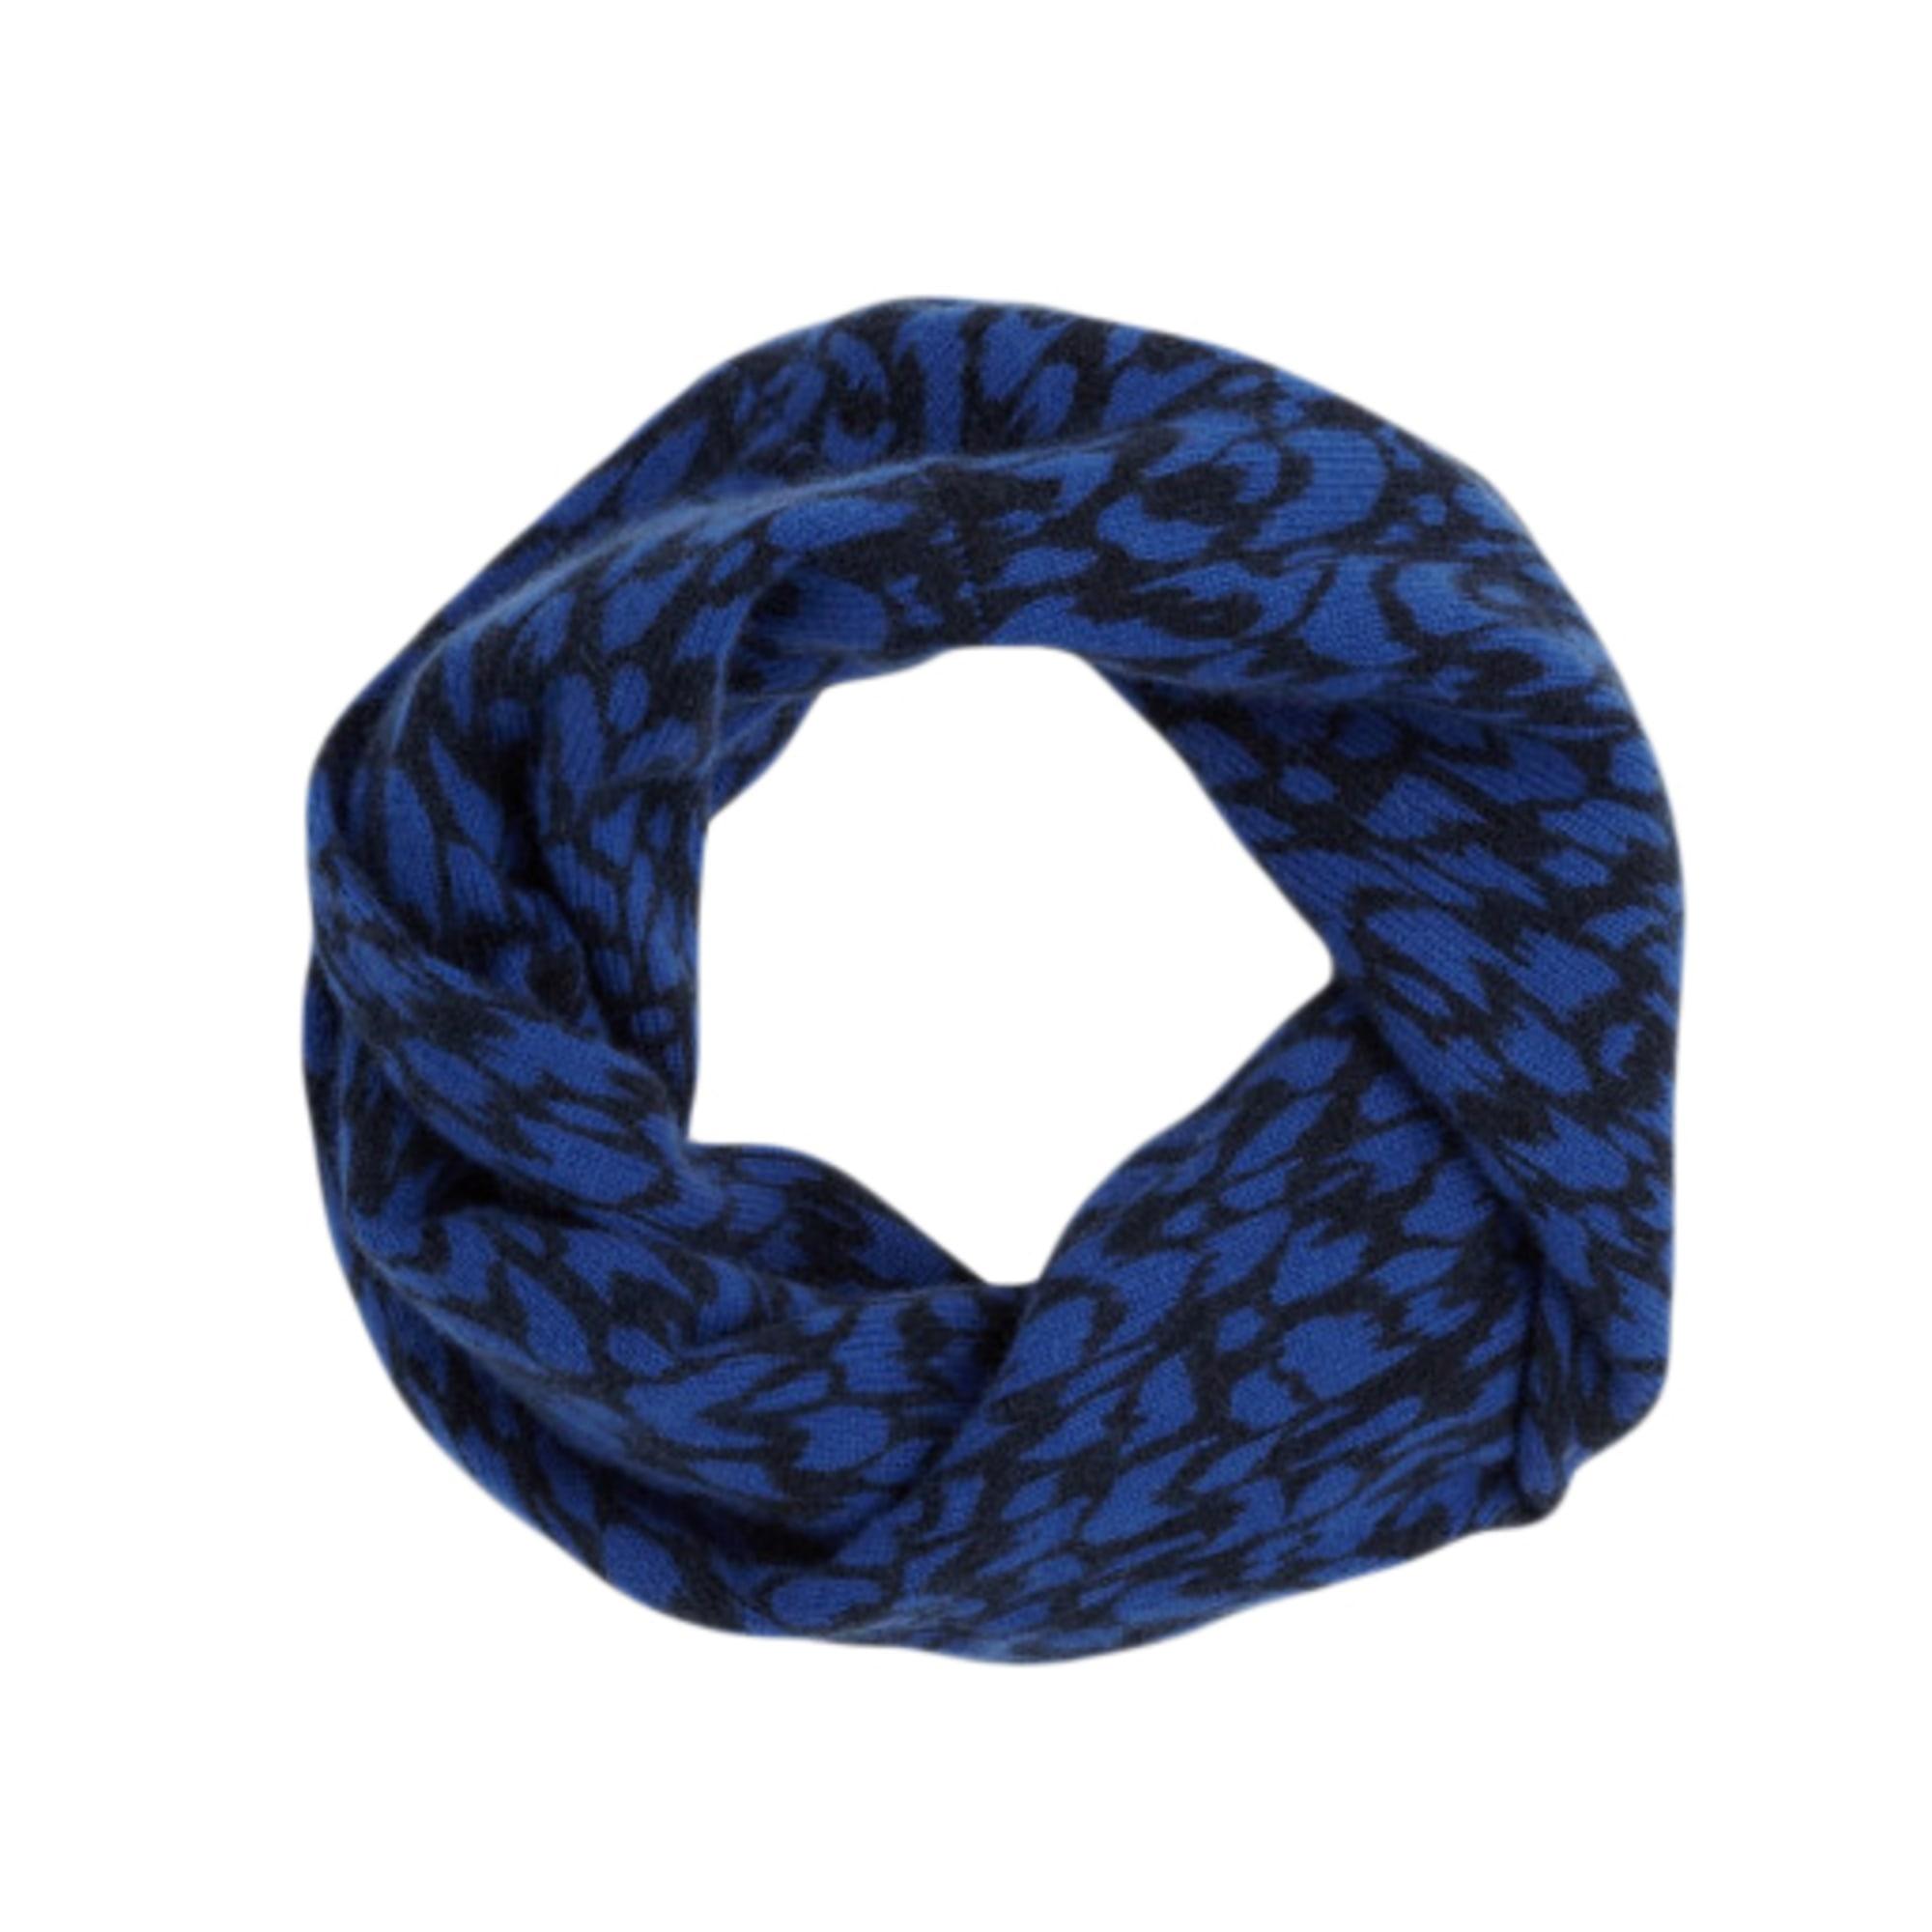 0ebea01eef2 Echarpe MARC JACOBS bleu vendu par S et s451841 - 3129708